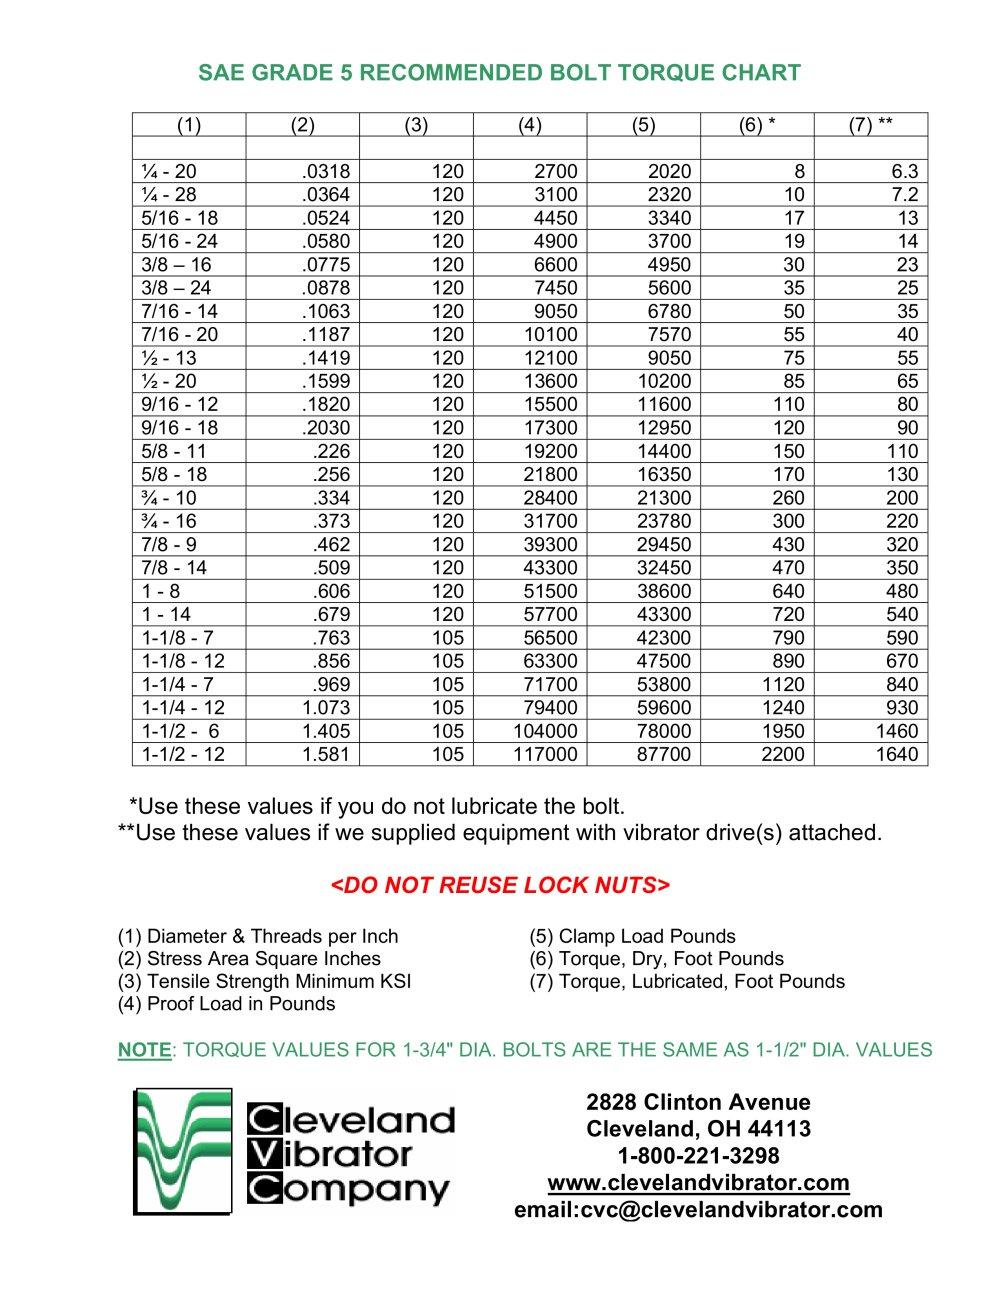 Bolt Torque Cleveland Vibrator PDF Catalogue – Bolt Torque Chart